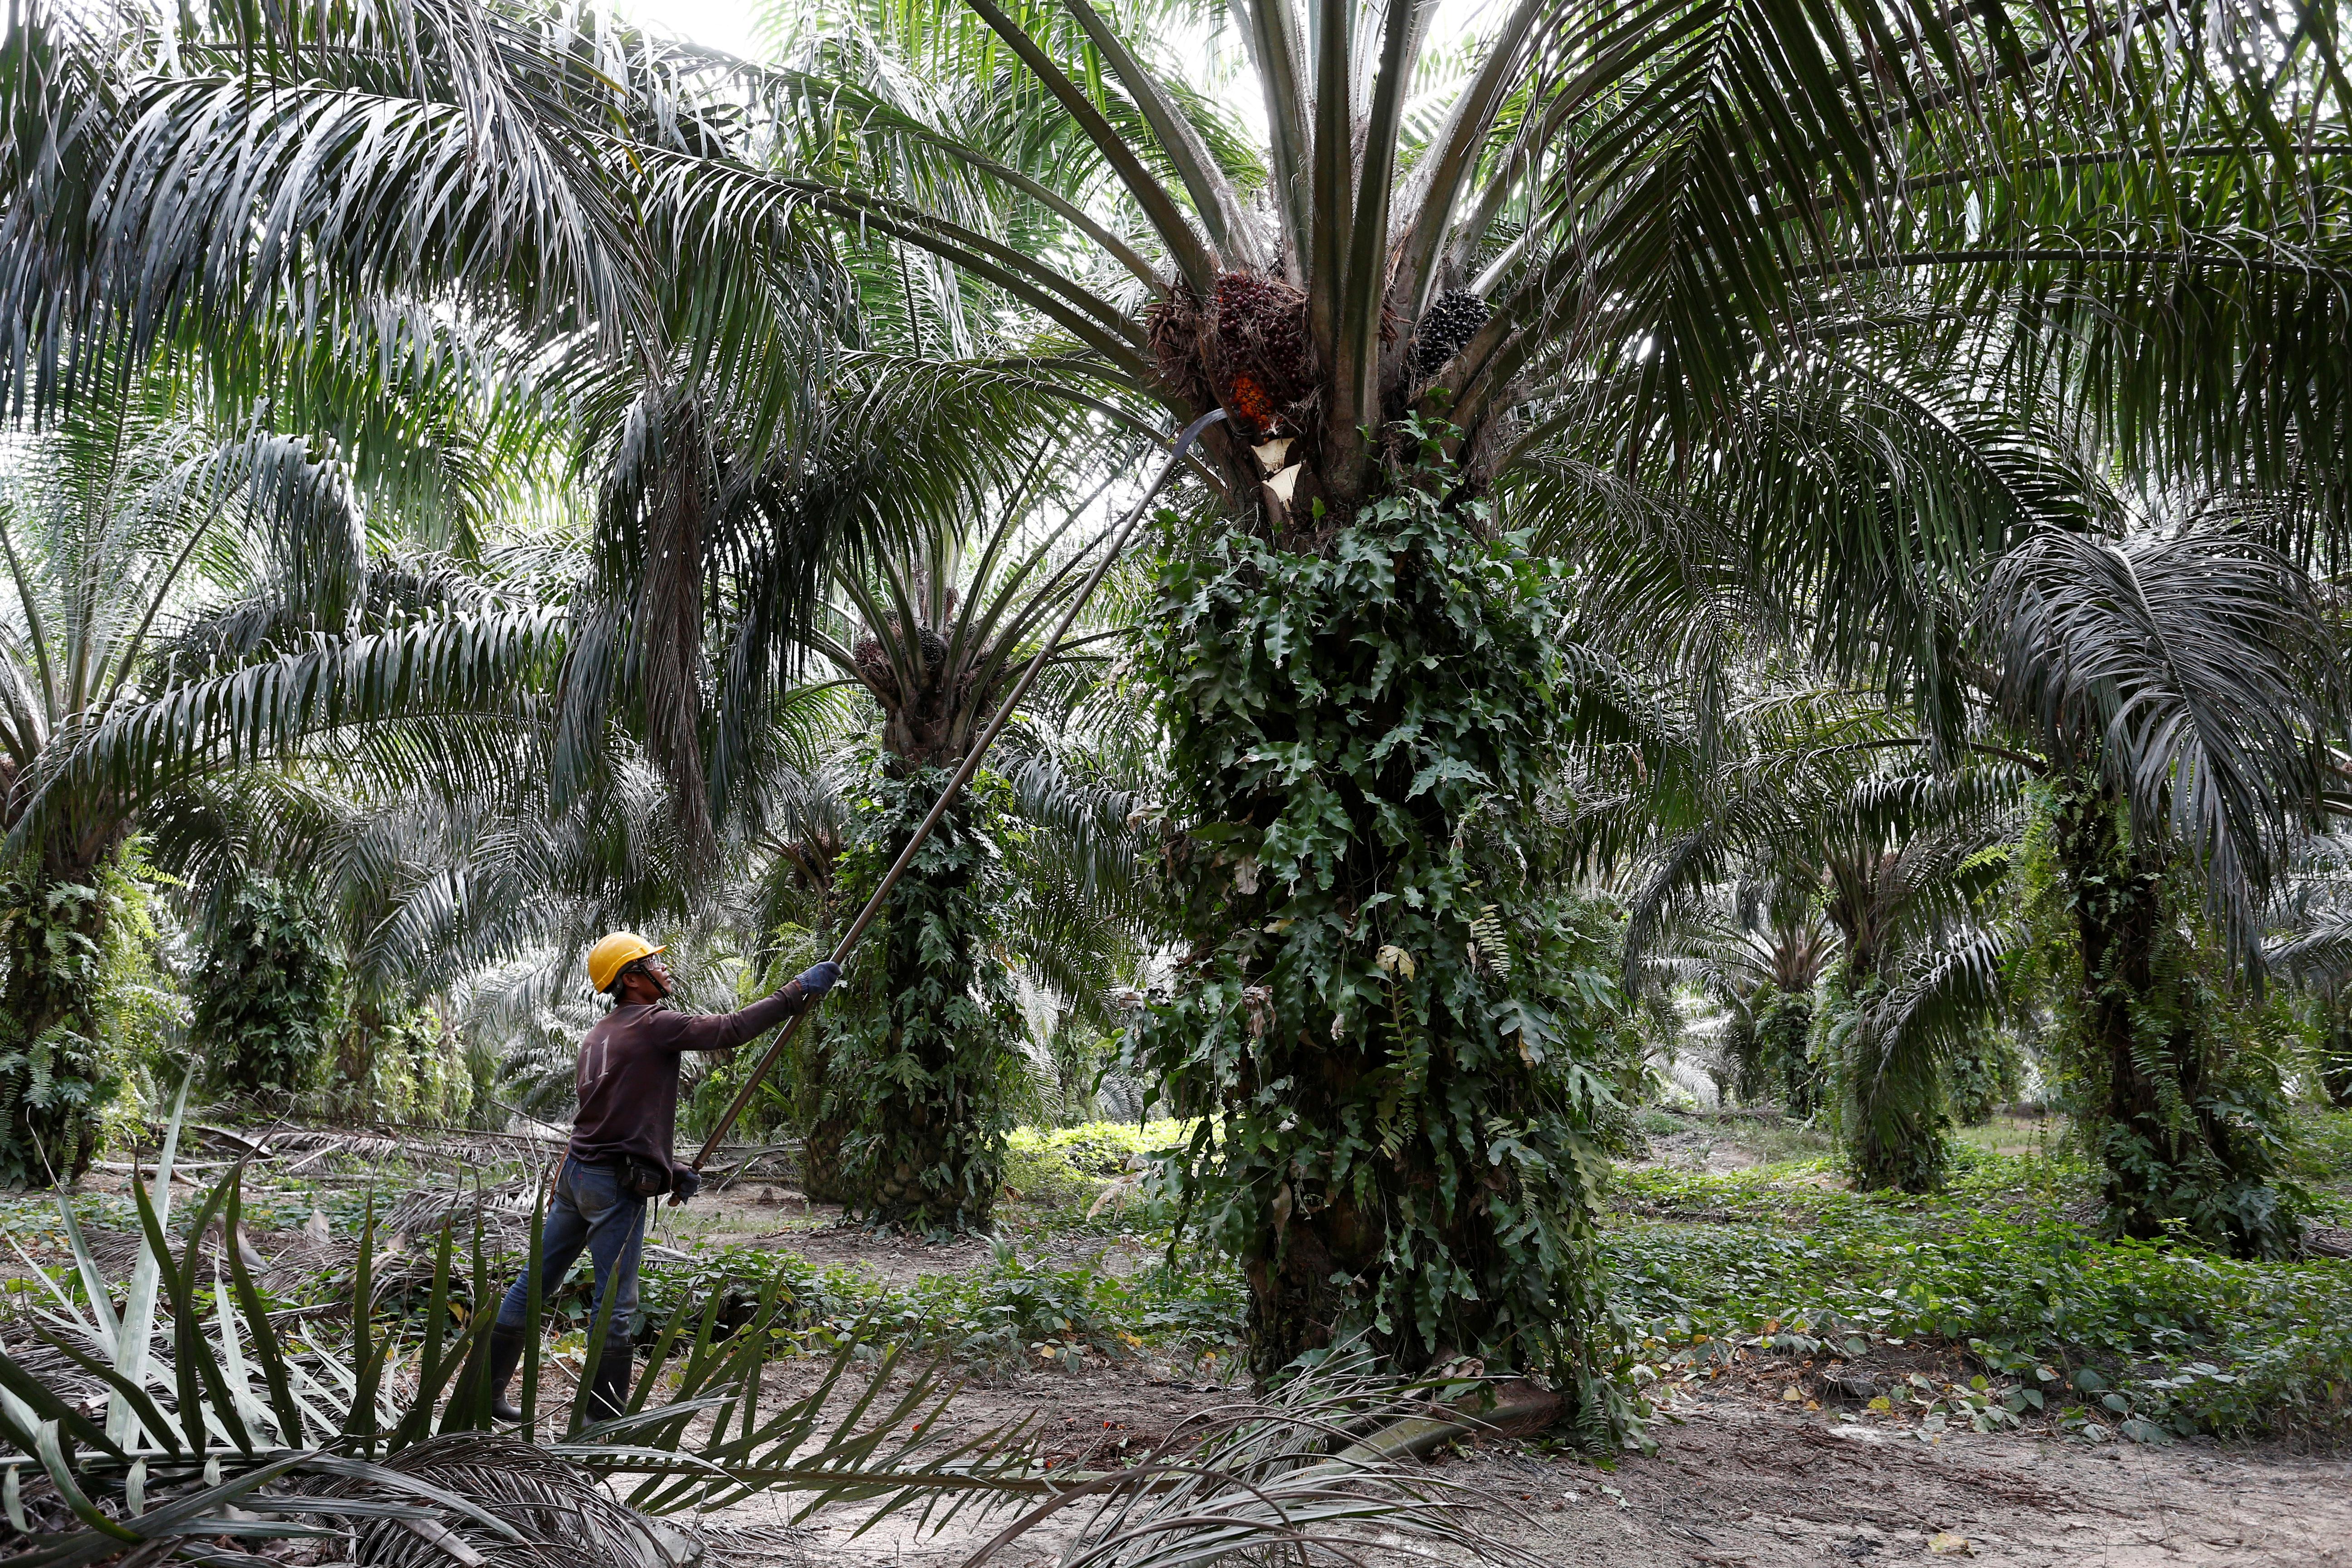 Les députés font marche arrière et excluent l'huile de palme de la liste des biocarburants